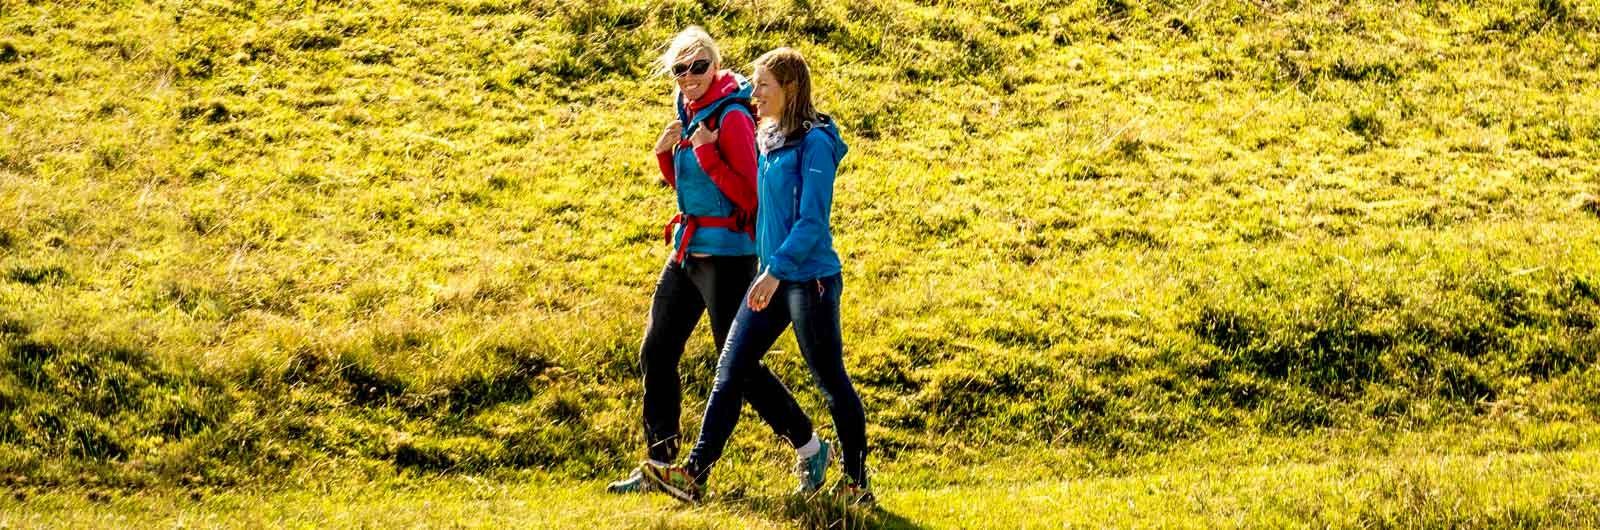 Två kvinnor vandrar på fält